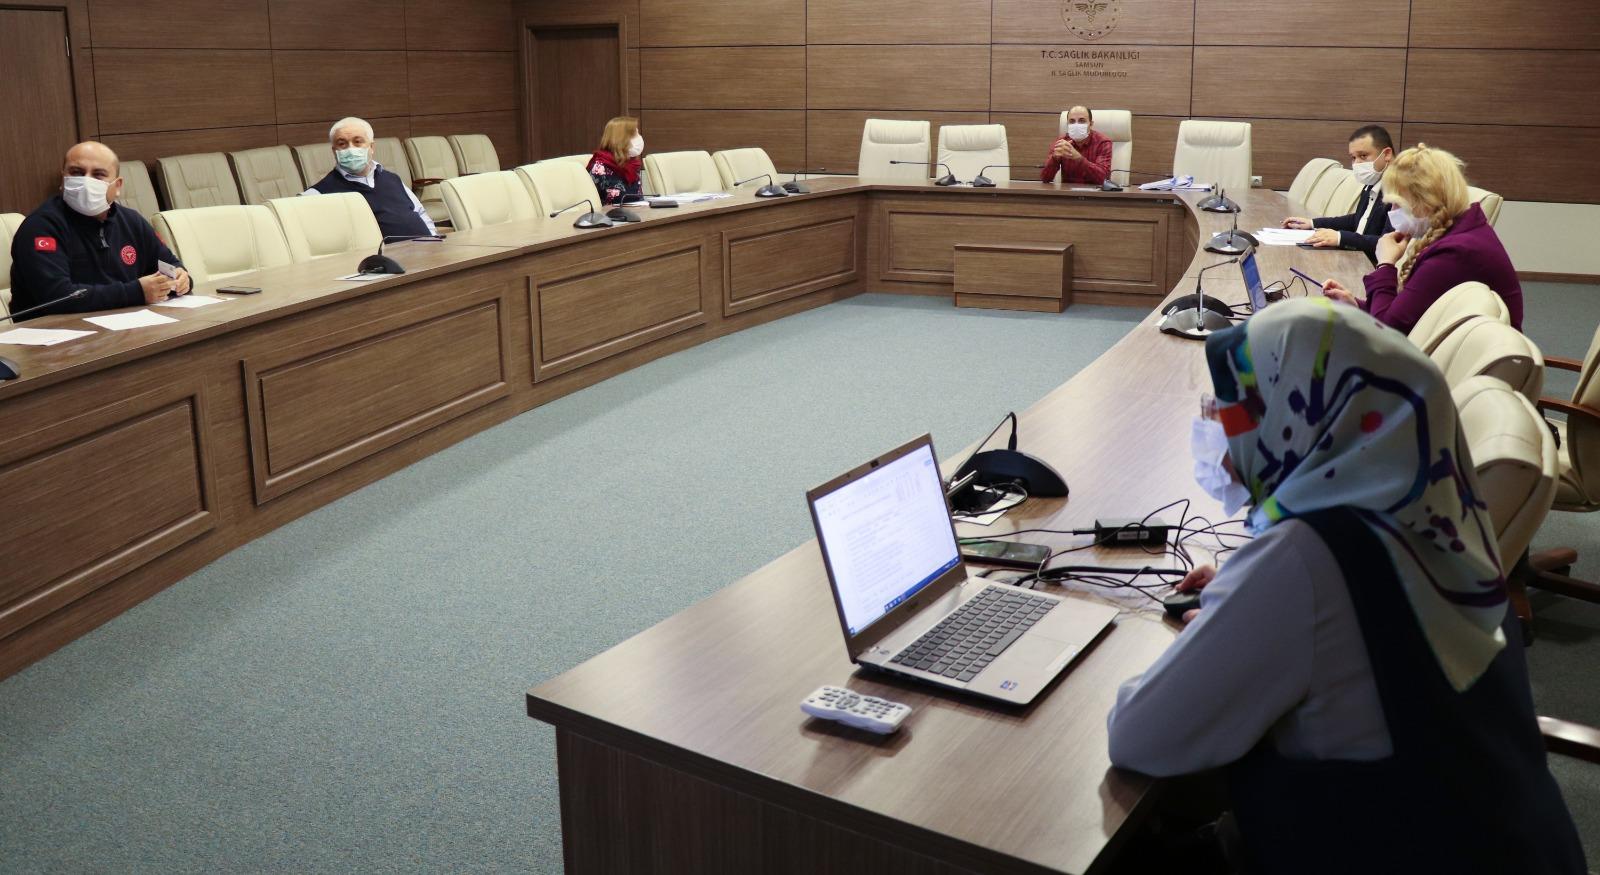 Bilimsel Araştırma Değerlendirme Komisyon Toplantısı Yapıldı